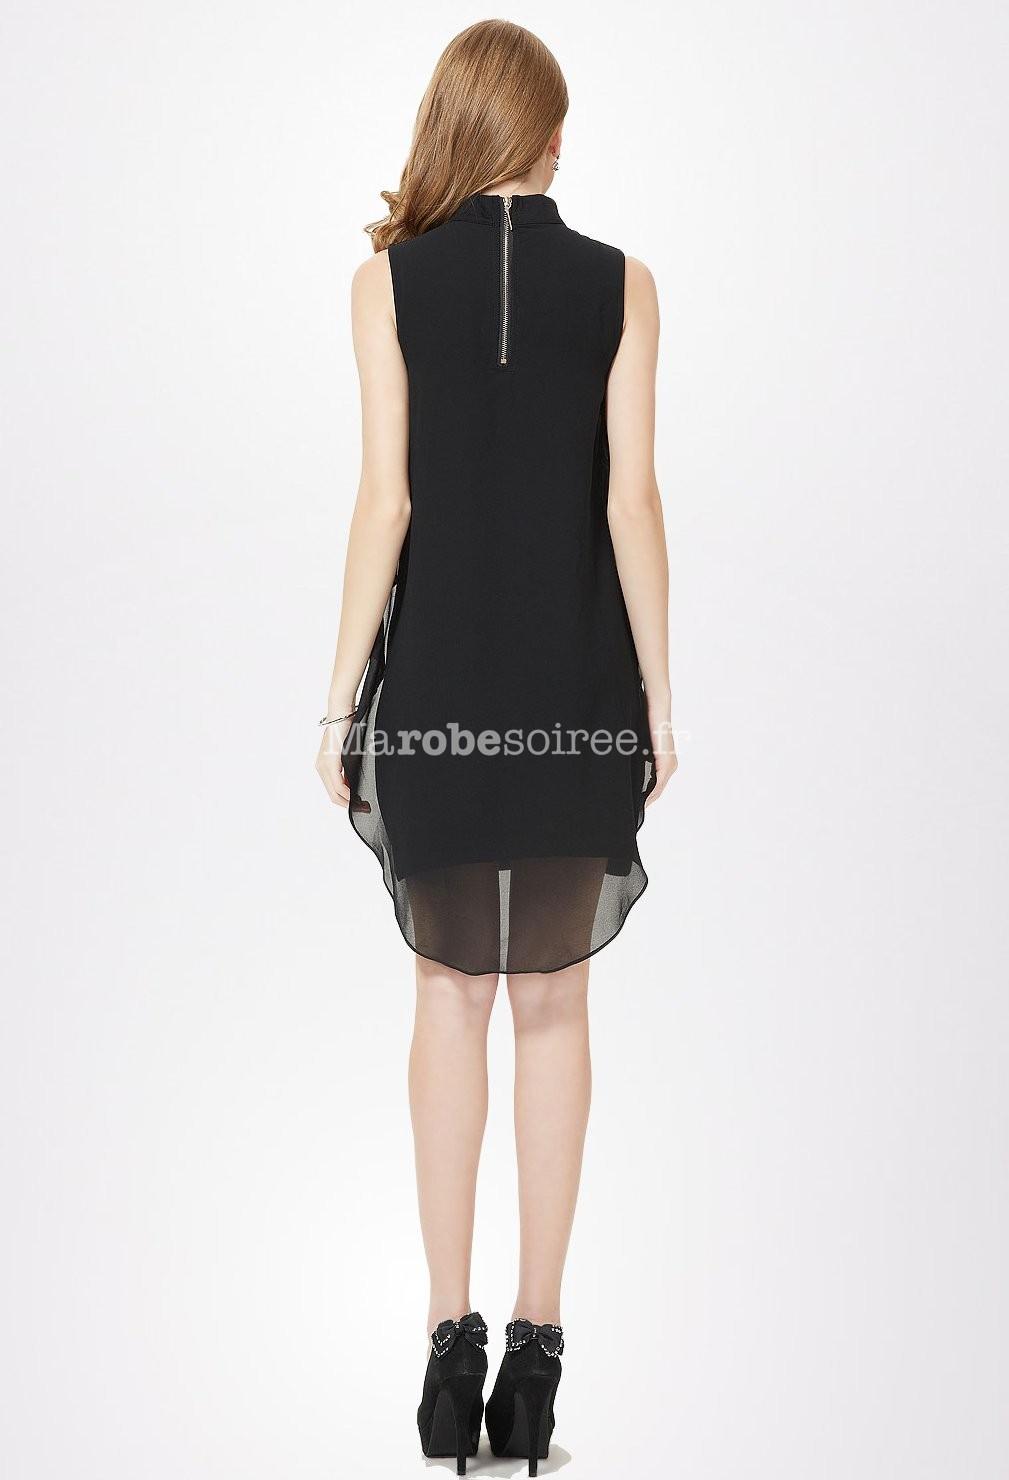 petite robe noire avec col en bijoux en mousseline. Black Bedroom Furniture Sets. Home Design Ideas